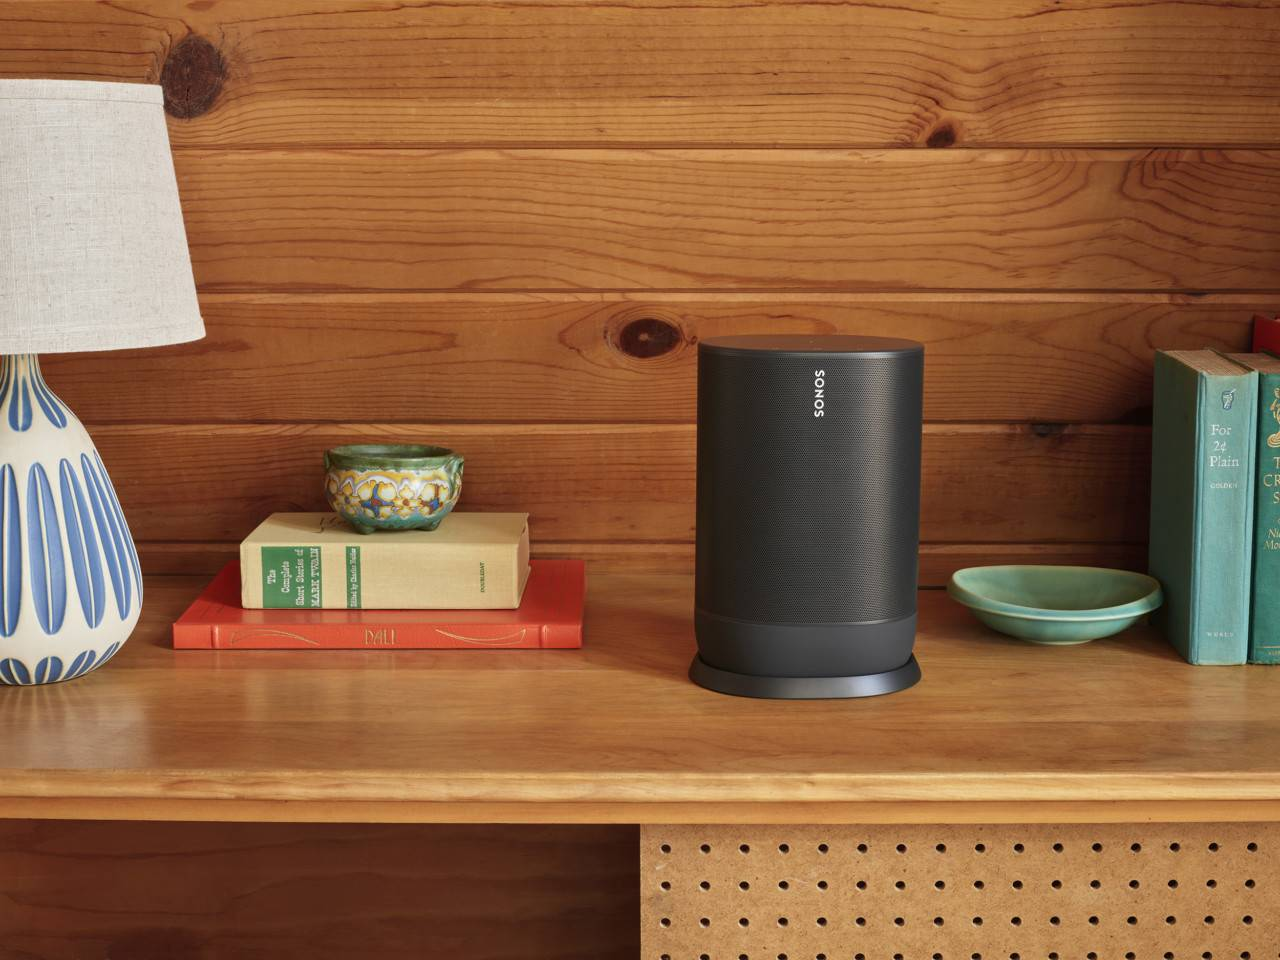 满足户外场景使用需求,Sonos发布全新便携式音箱Move